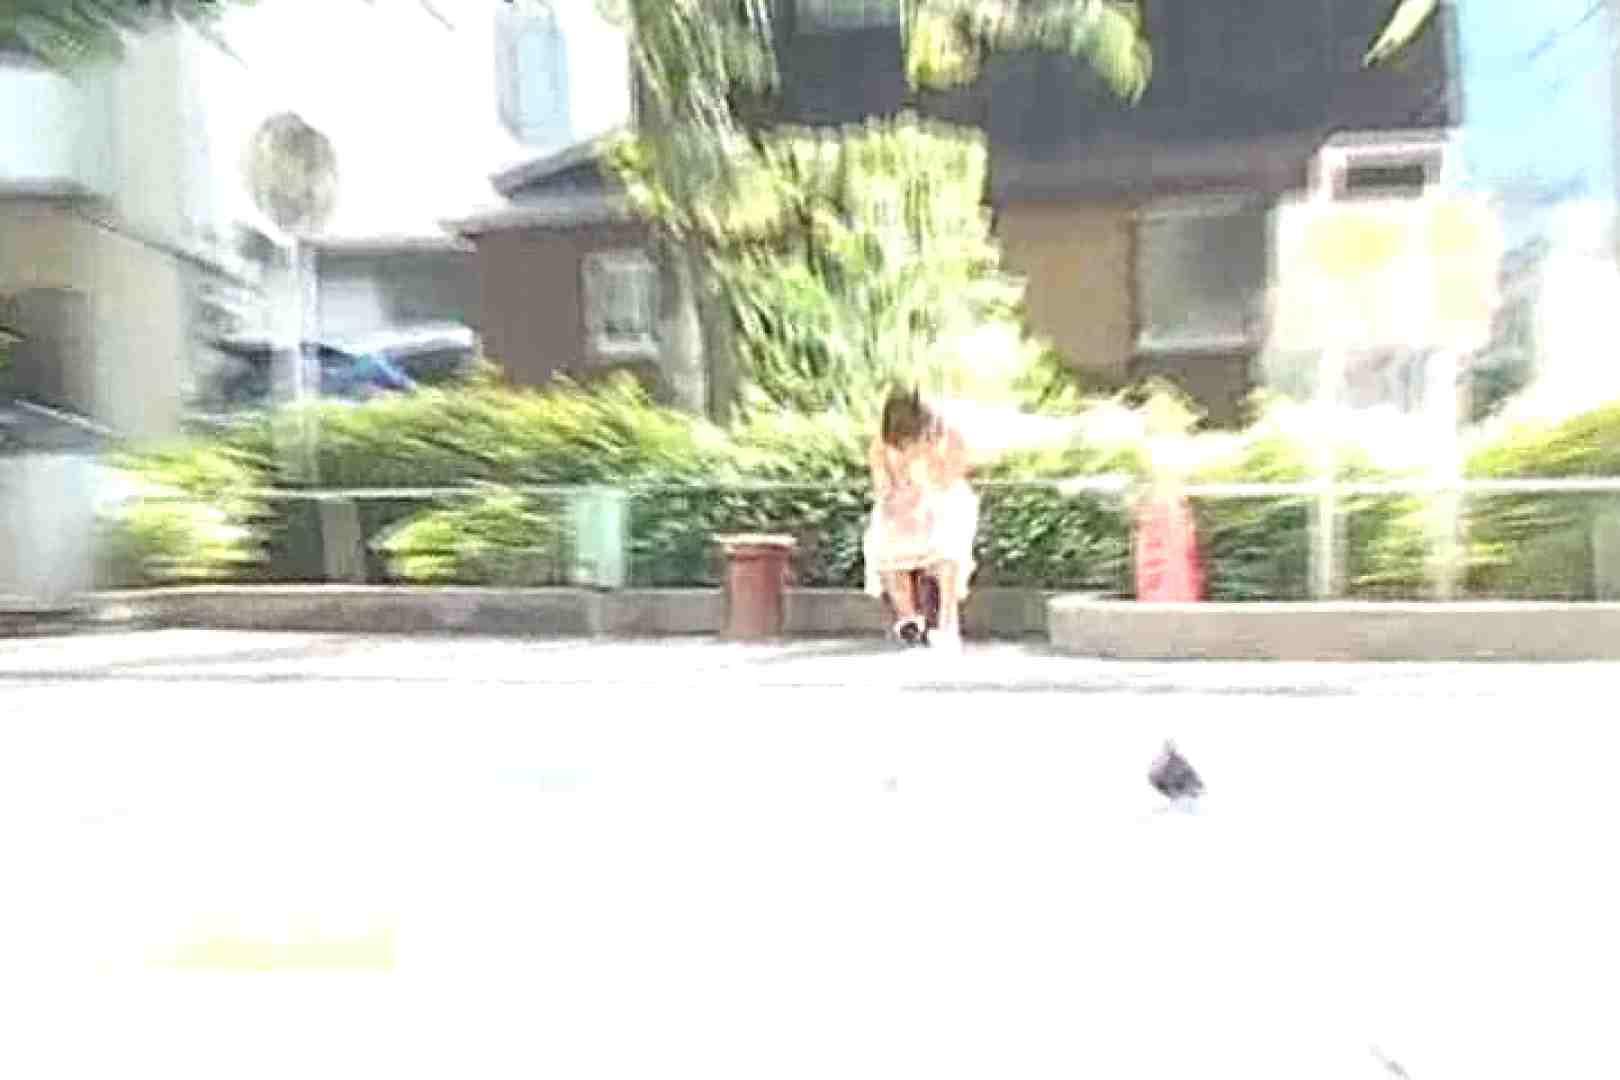 徘徊撮り!!街で出会った乳首たちVol.2 パンチラ オマンコ動画キャプチャ 61PICs 9